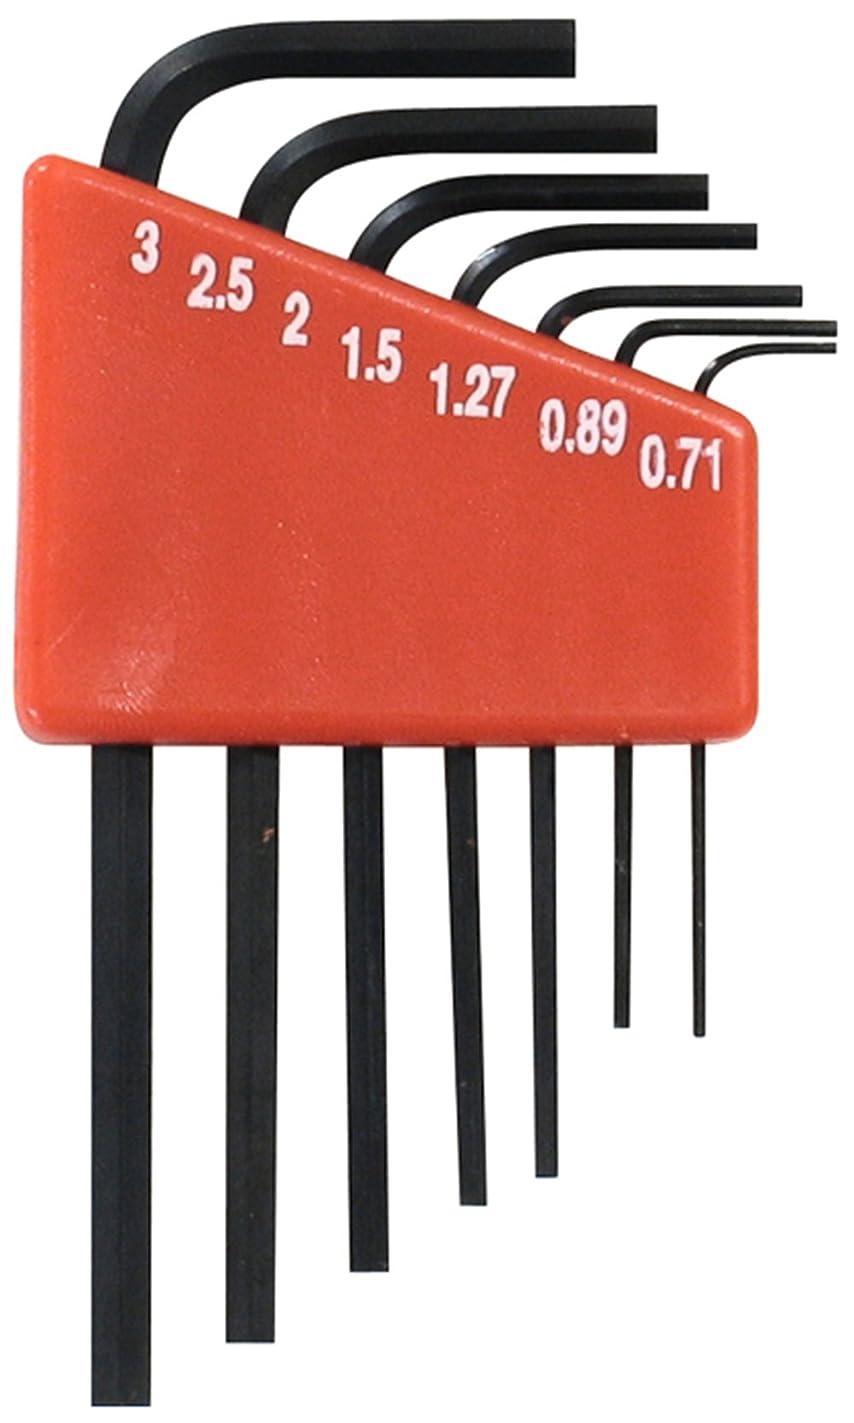 確かな叫び声冷蔵庫パオック(PAOCK) SSPOWER(エスエスパワー) 精密ヘックスレンチ 7本組 SHRM-7 ミリ